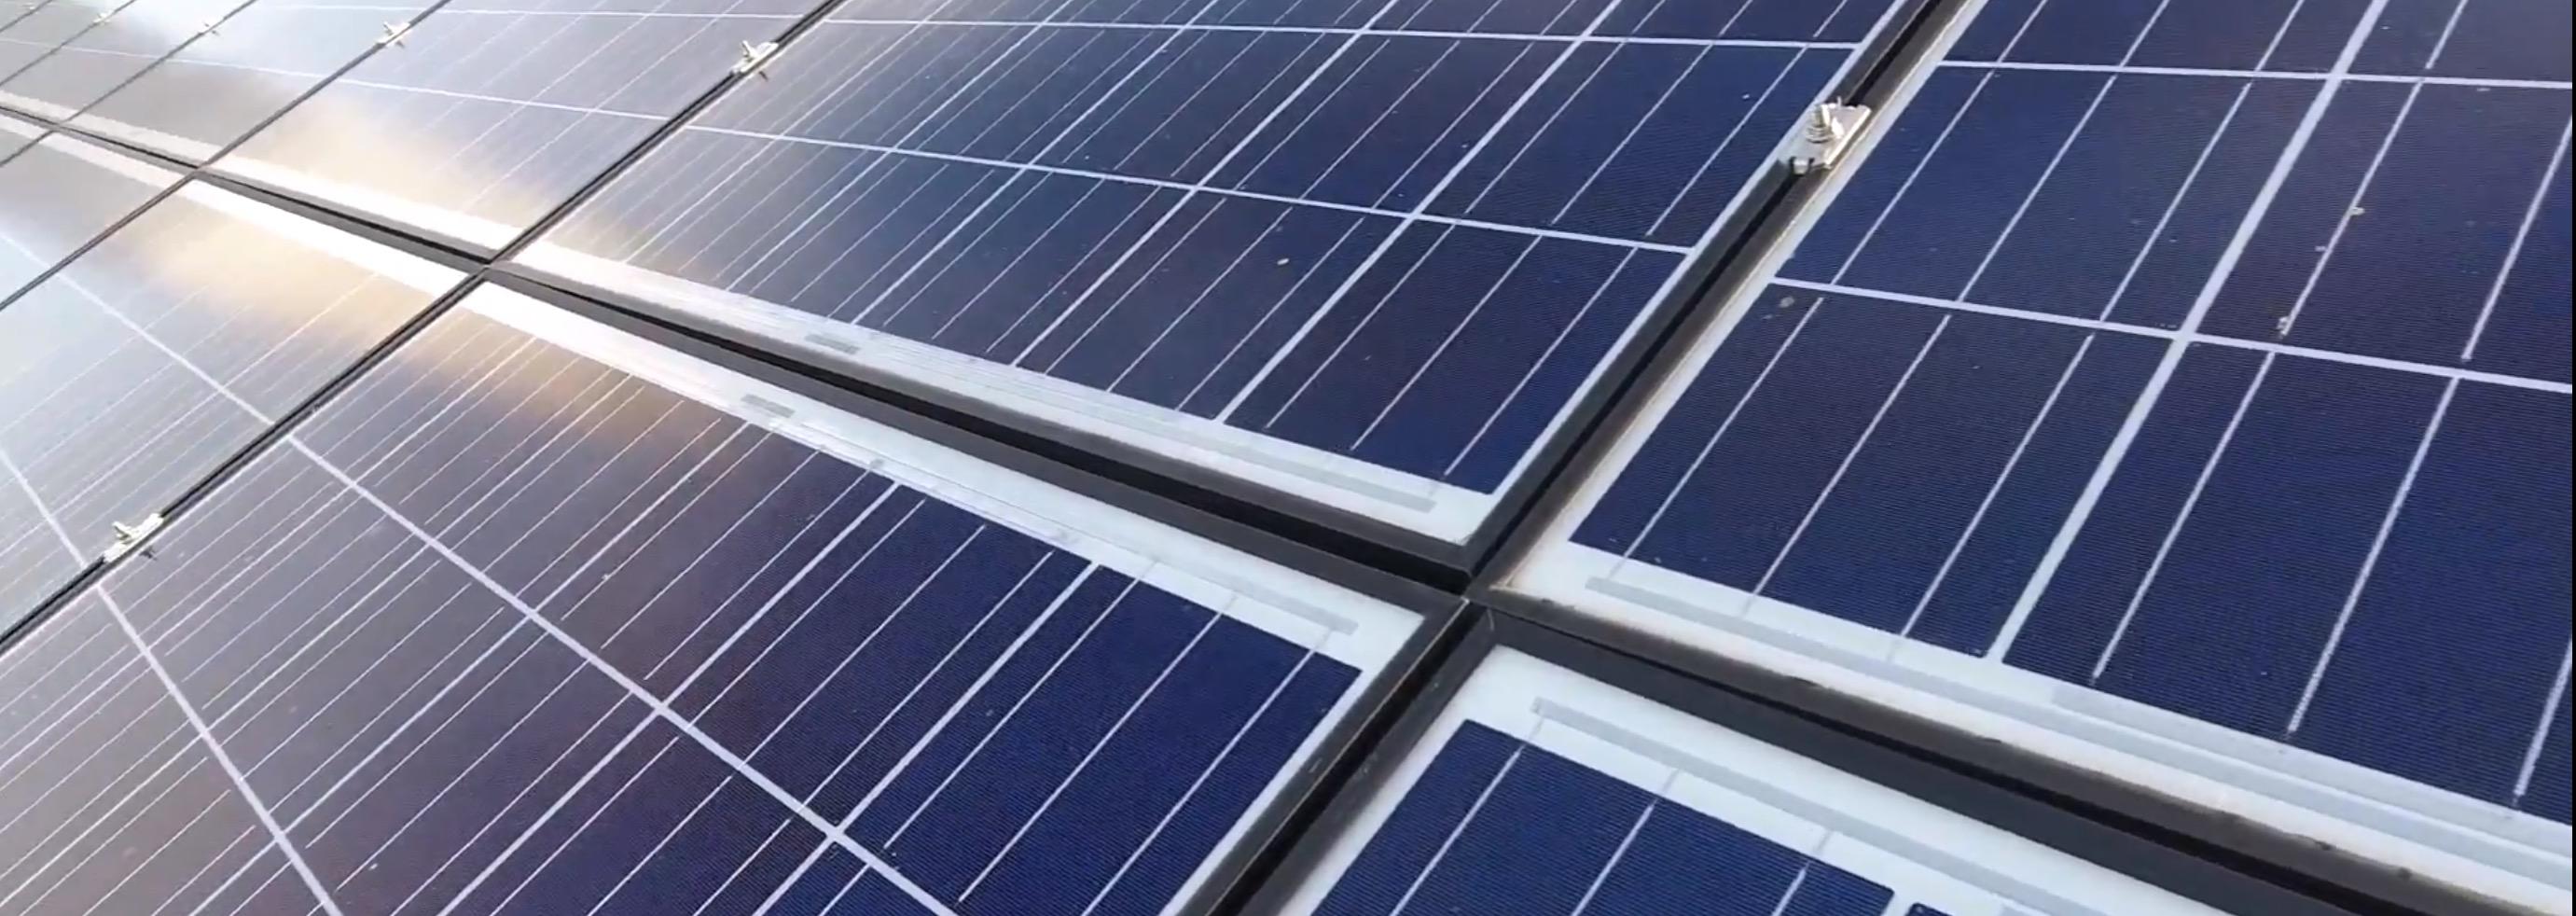 https://djh4x3uvkdok.cloudfront.net/resources/20190509170010/Solar-Panels-in-Babcock-Ranch.jpg